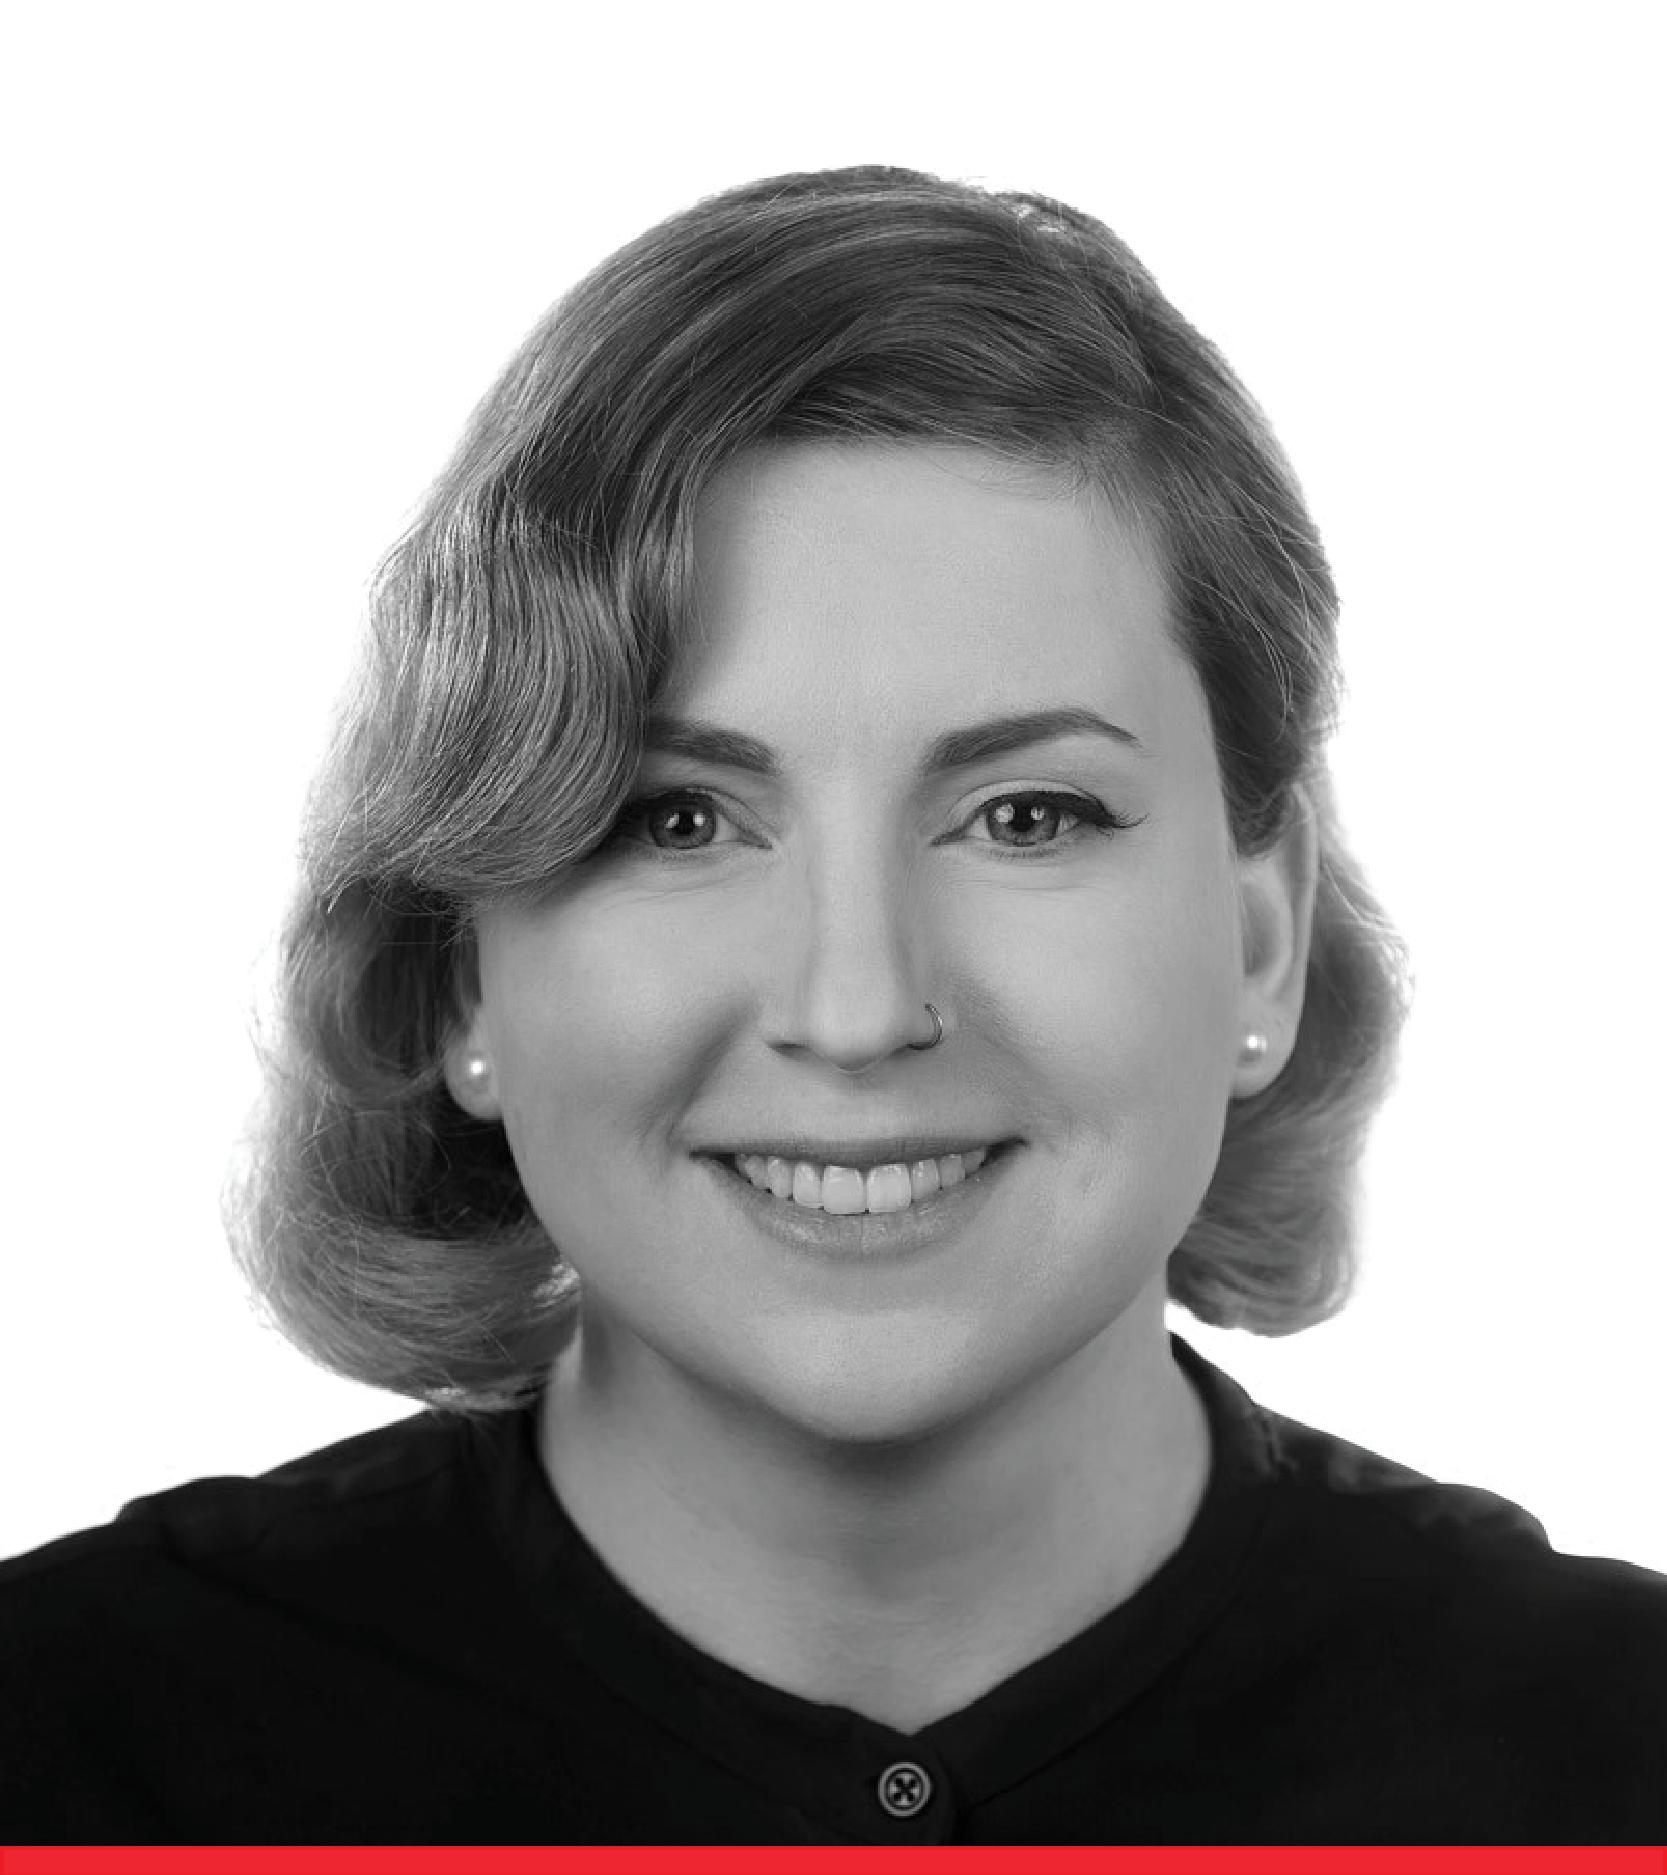 Sarah Korver